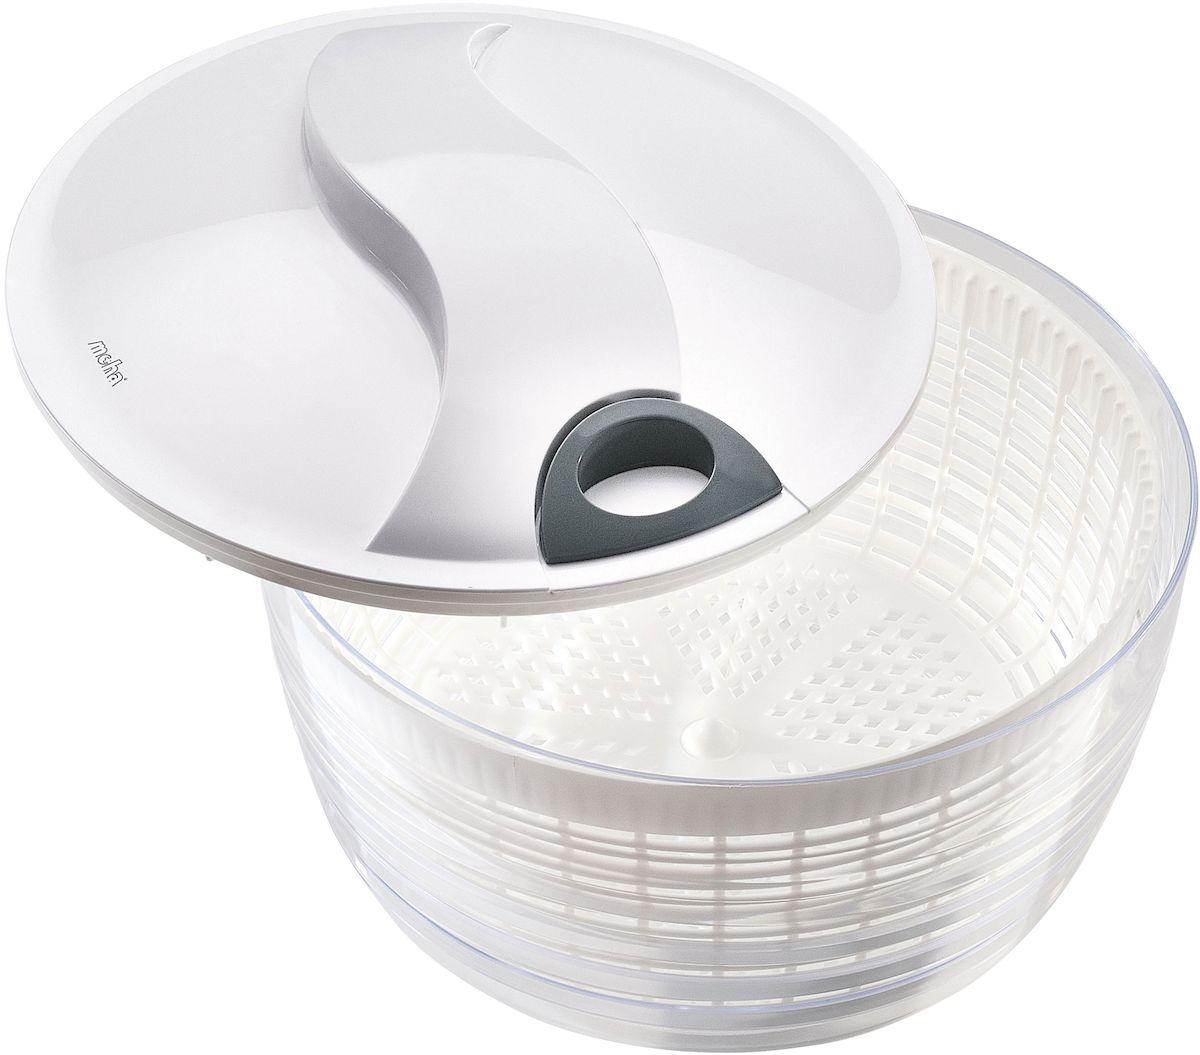 Сушилка для салатных листьев Moha Turby, цвет: белый, диаметр 26 см10505Сушка для салата Moha Turby применяется для удаления влаги с салатов и овощей после мойки. Сушка разбирается, что облегчает ее мытье. Плоская крышка обеспечивает удобство хранения емкости в холодильнике, благодаря чему зелень сохраняет свежесть в течение нескольких дней. Легка в применении: поместите зелень в корзину и промойте под проточной водой, поместите корзину в емкость и закройте крышку, возьмите ручку и прокрутите ручку. Корзина внутри начнет вращаться. В процессе вращения с зелени устраняются остатки воды и загрязнений. Остановите вращение. Ваша зелень готова к употреблению.Сито можно использовать как дуршлаг.